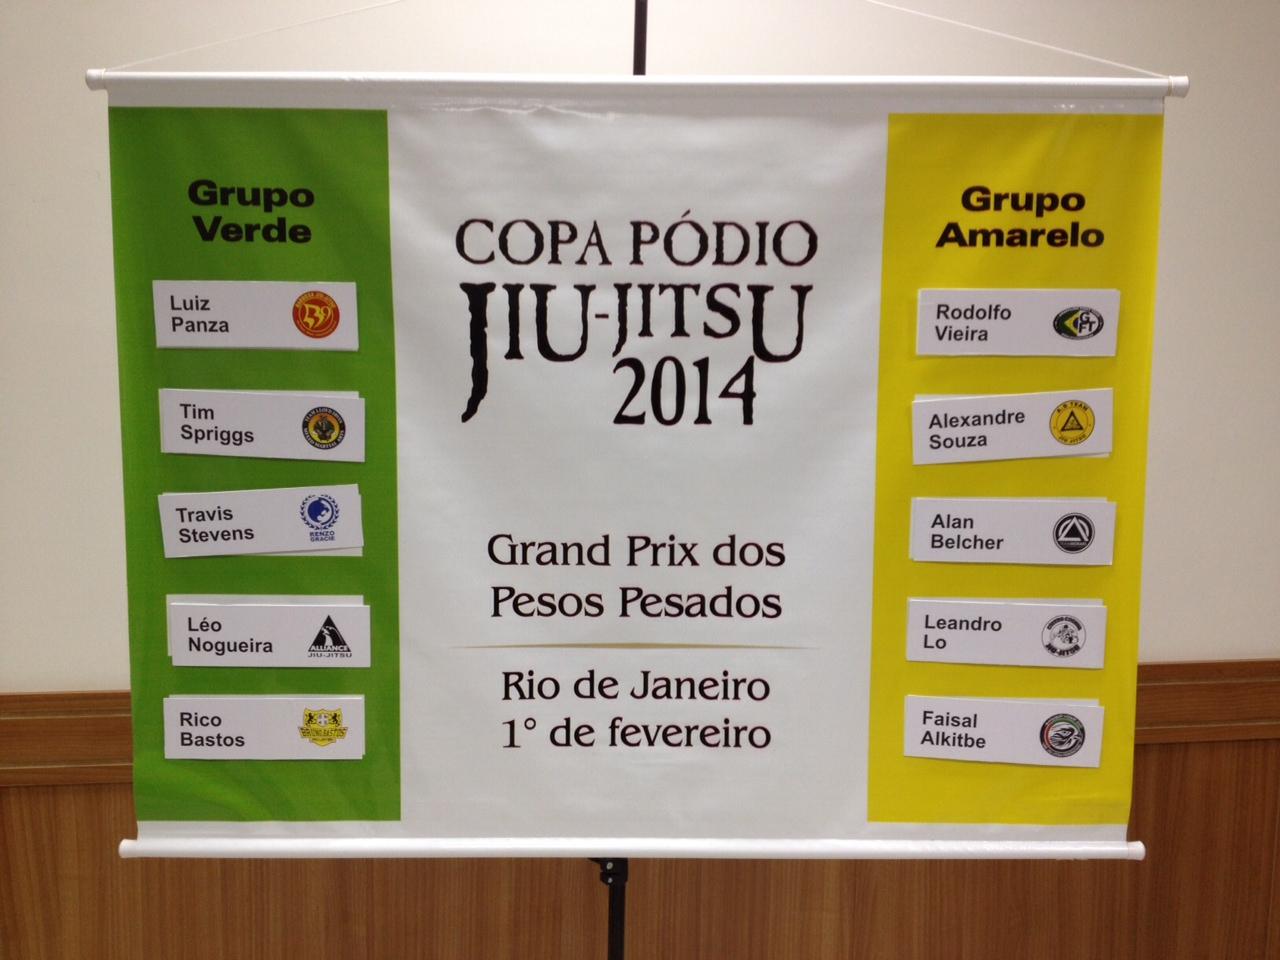 Os grupos do GP dos Pesados da Copa Pódio de Jiu-Jitsu em 2014. Foto: Gustavo Aragão